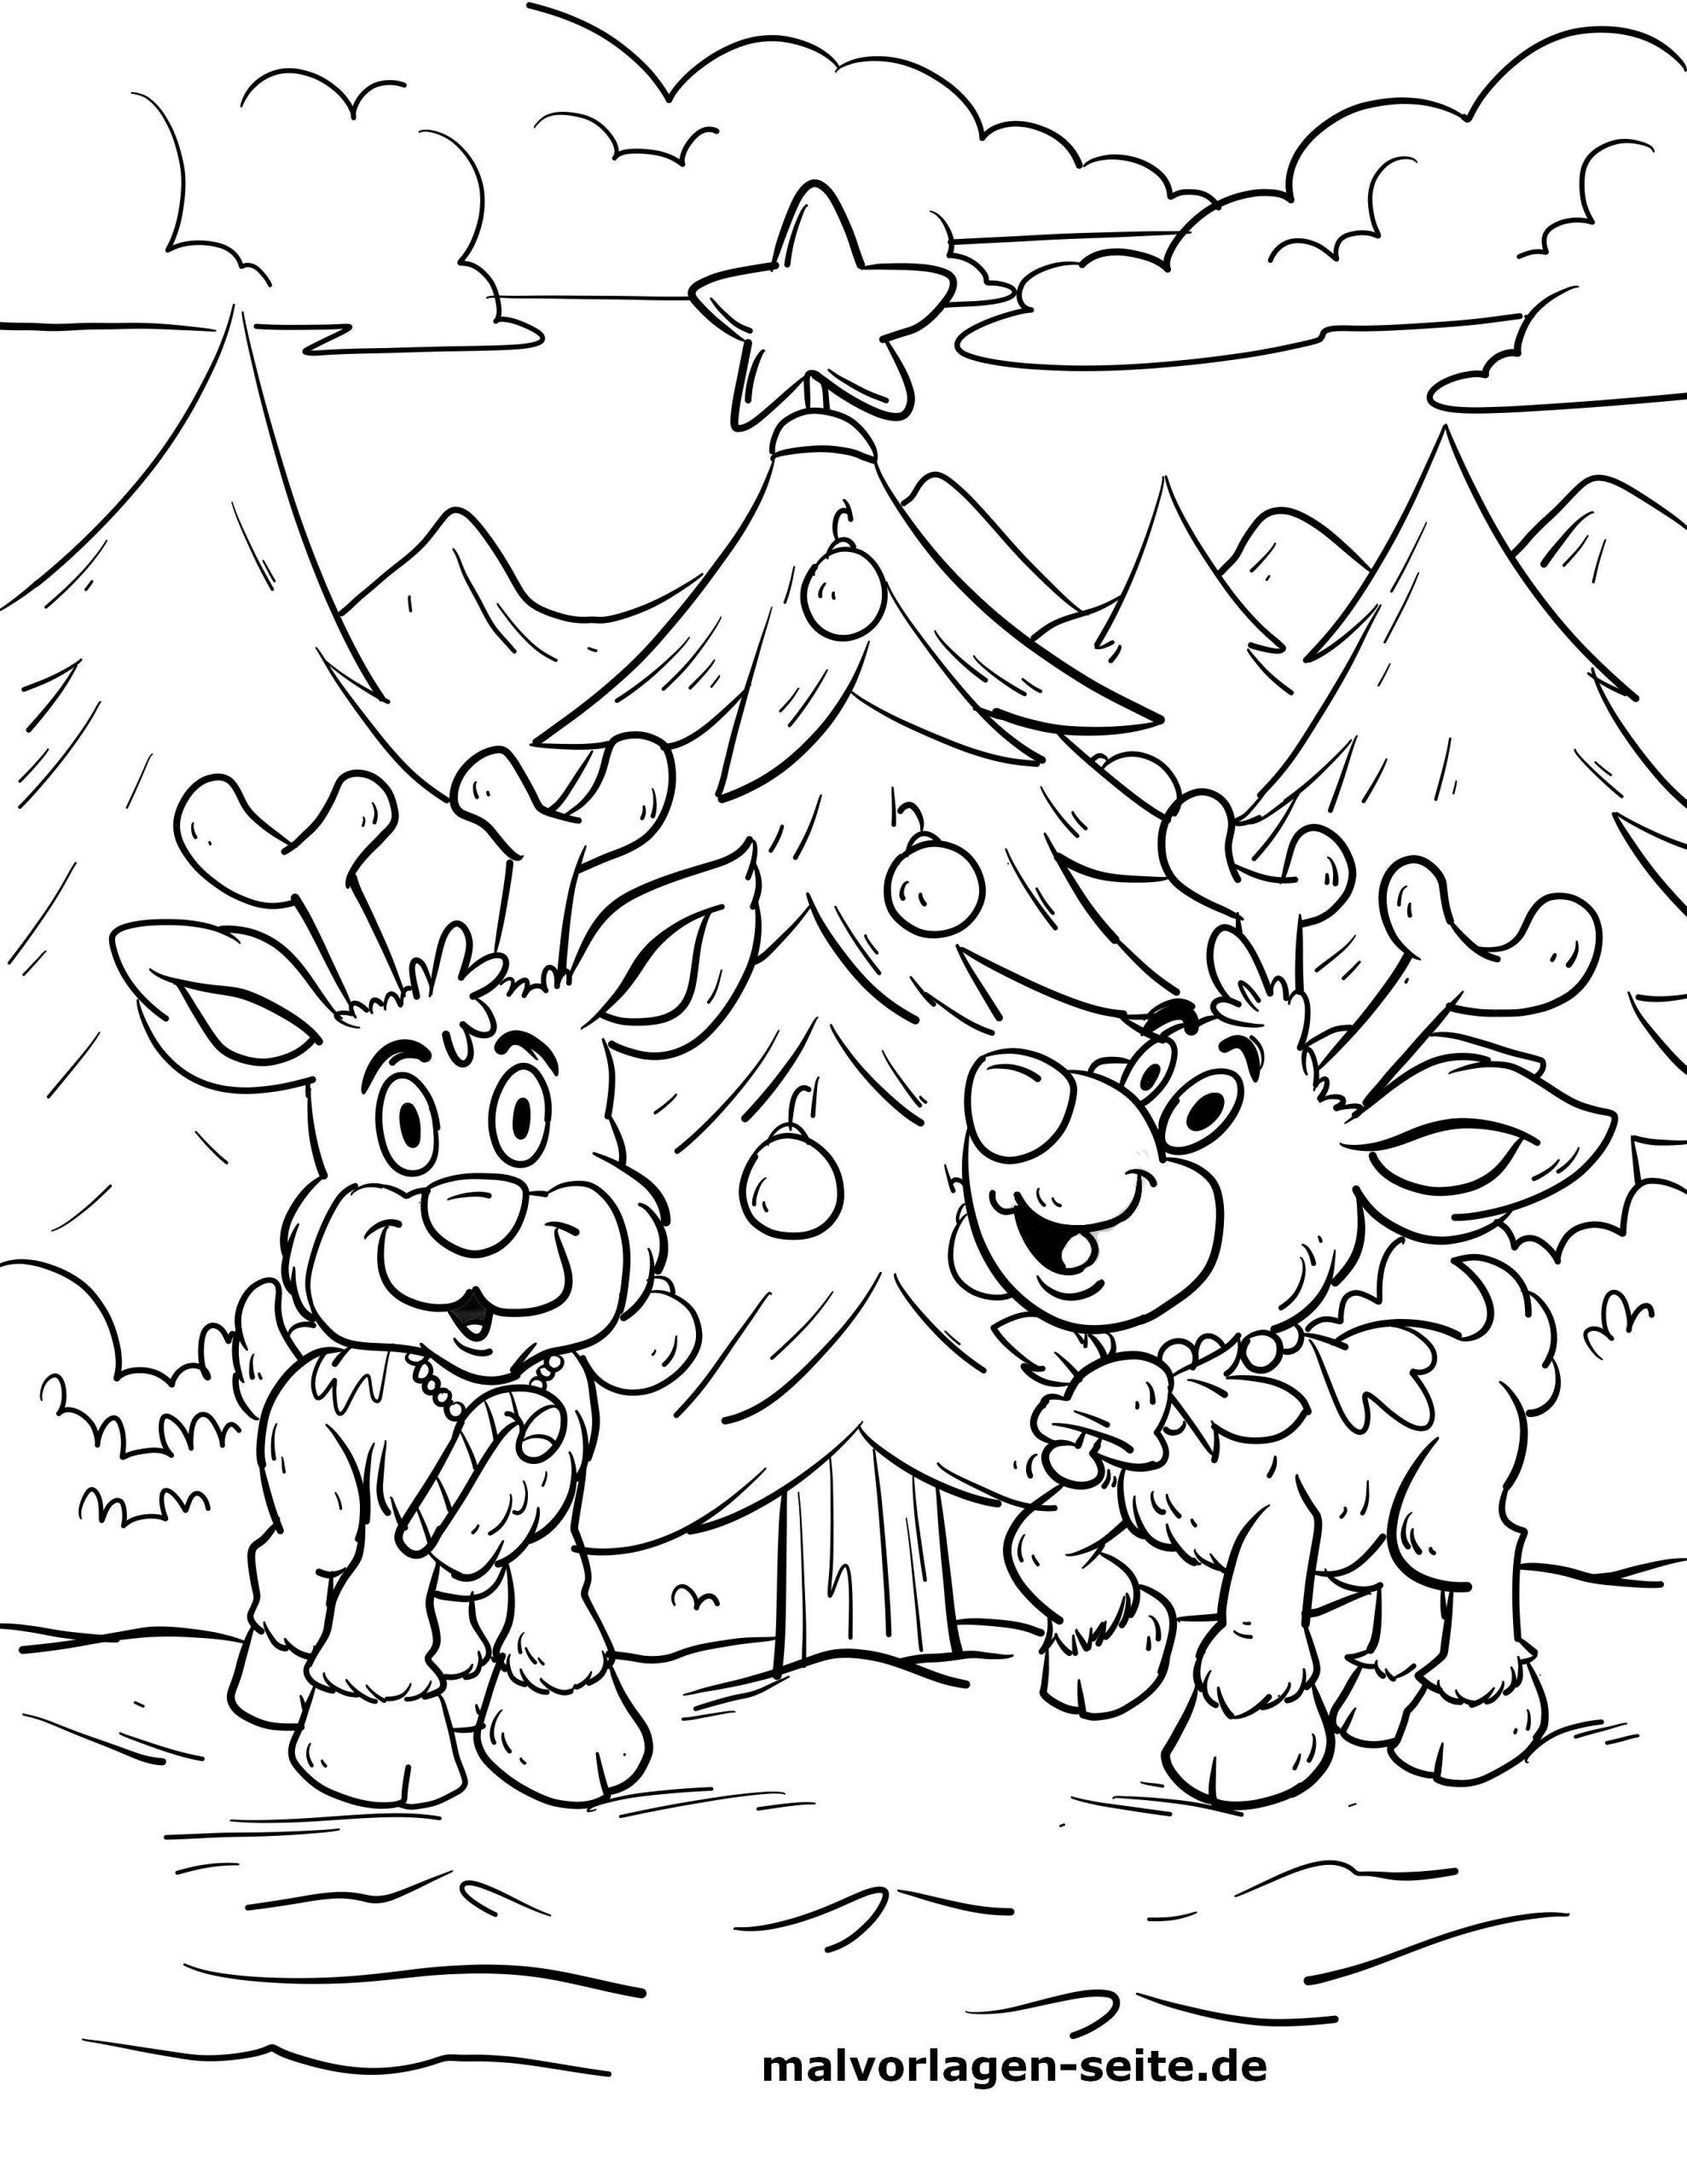 Malvorlage Rentiere Am Weihnachtsbaum   Weihnachten in Ausmalbilder Weihnachten